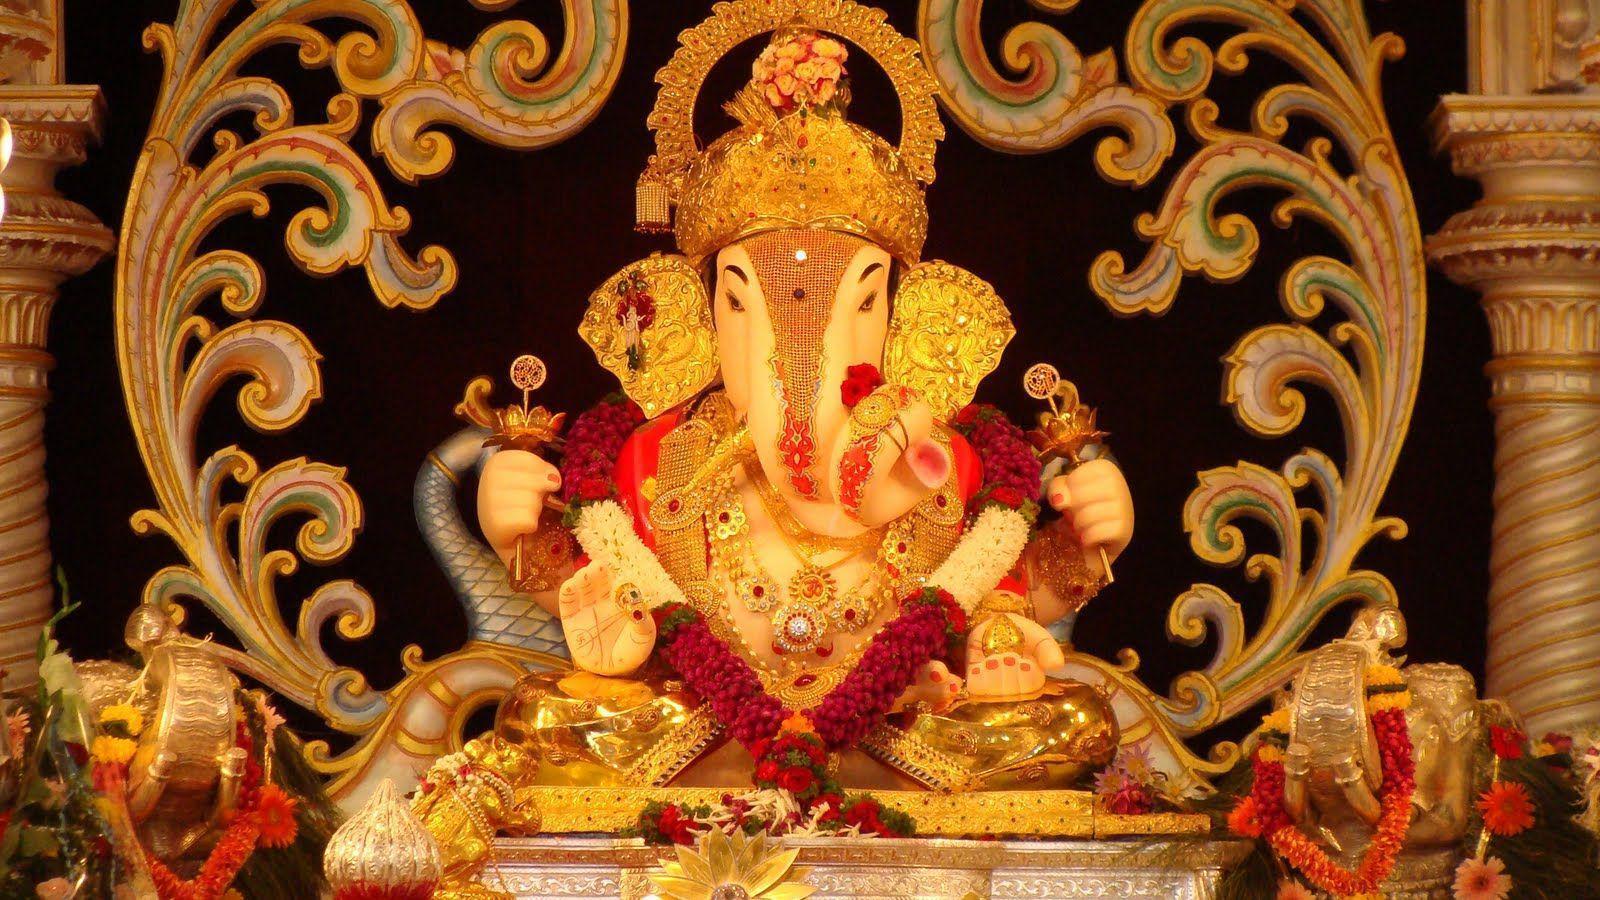 Hd wallpaper ganpati -  Ganpati Images Photos Hd Wallpapers Ganesh Dp For